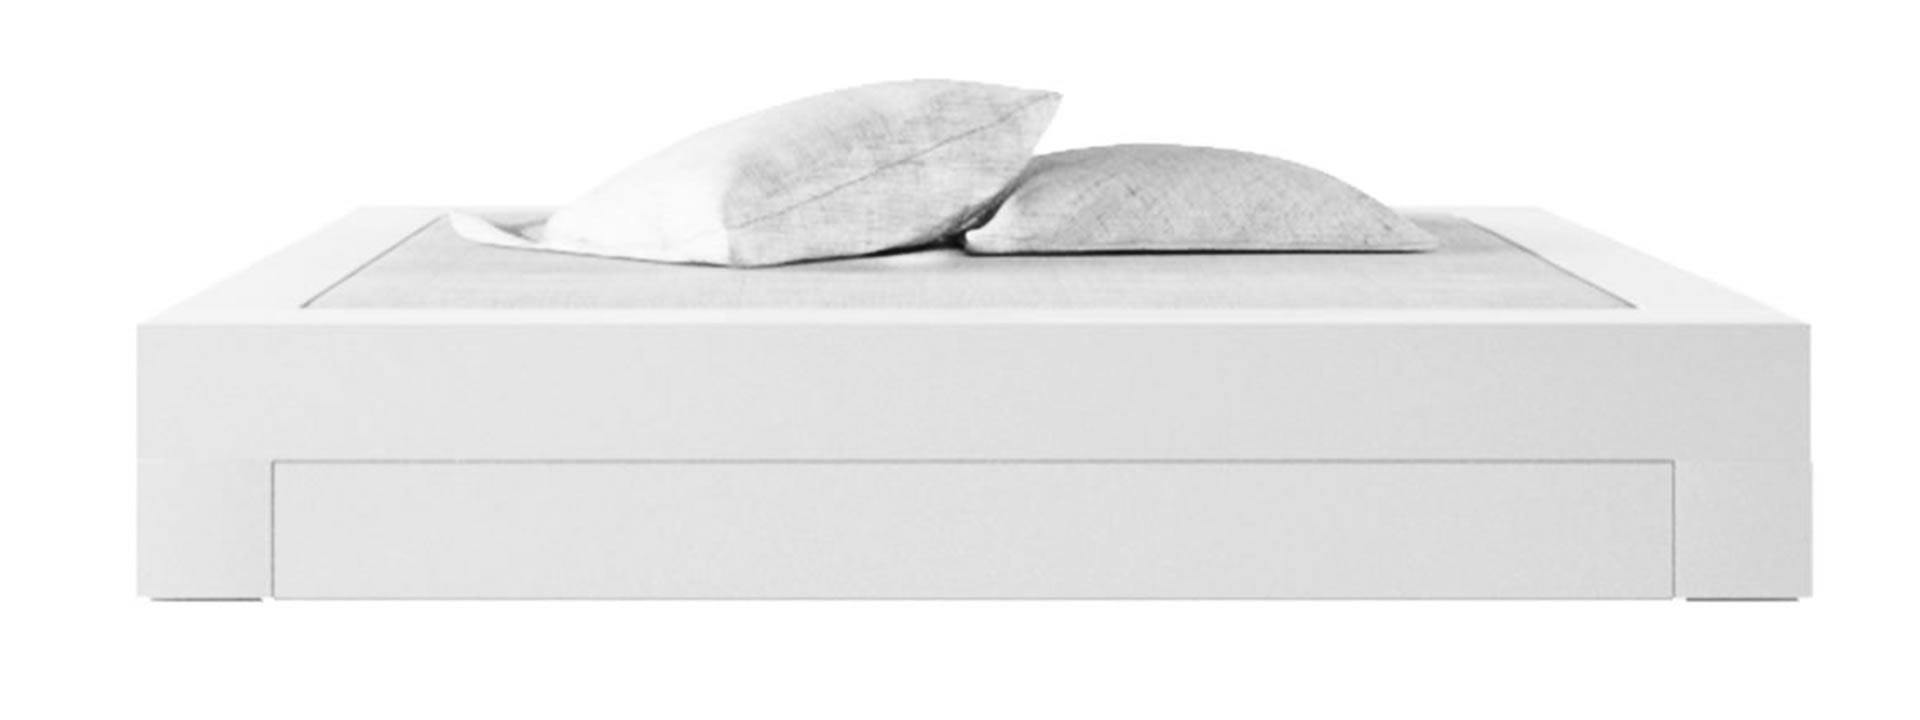 Full Size of Bett Somnium Mit Bettkasten Design Von Betten 160x200 Liegehöhe 60 Cm Schwarzes Stauraum 120 Weiß L Küche Elektrogeräten Bad Kommode Hochglanz Massivholz Bett Bett Weiß Mit Schubladen